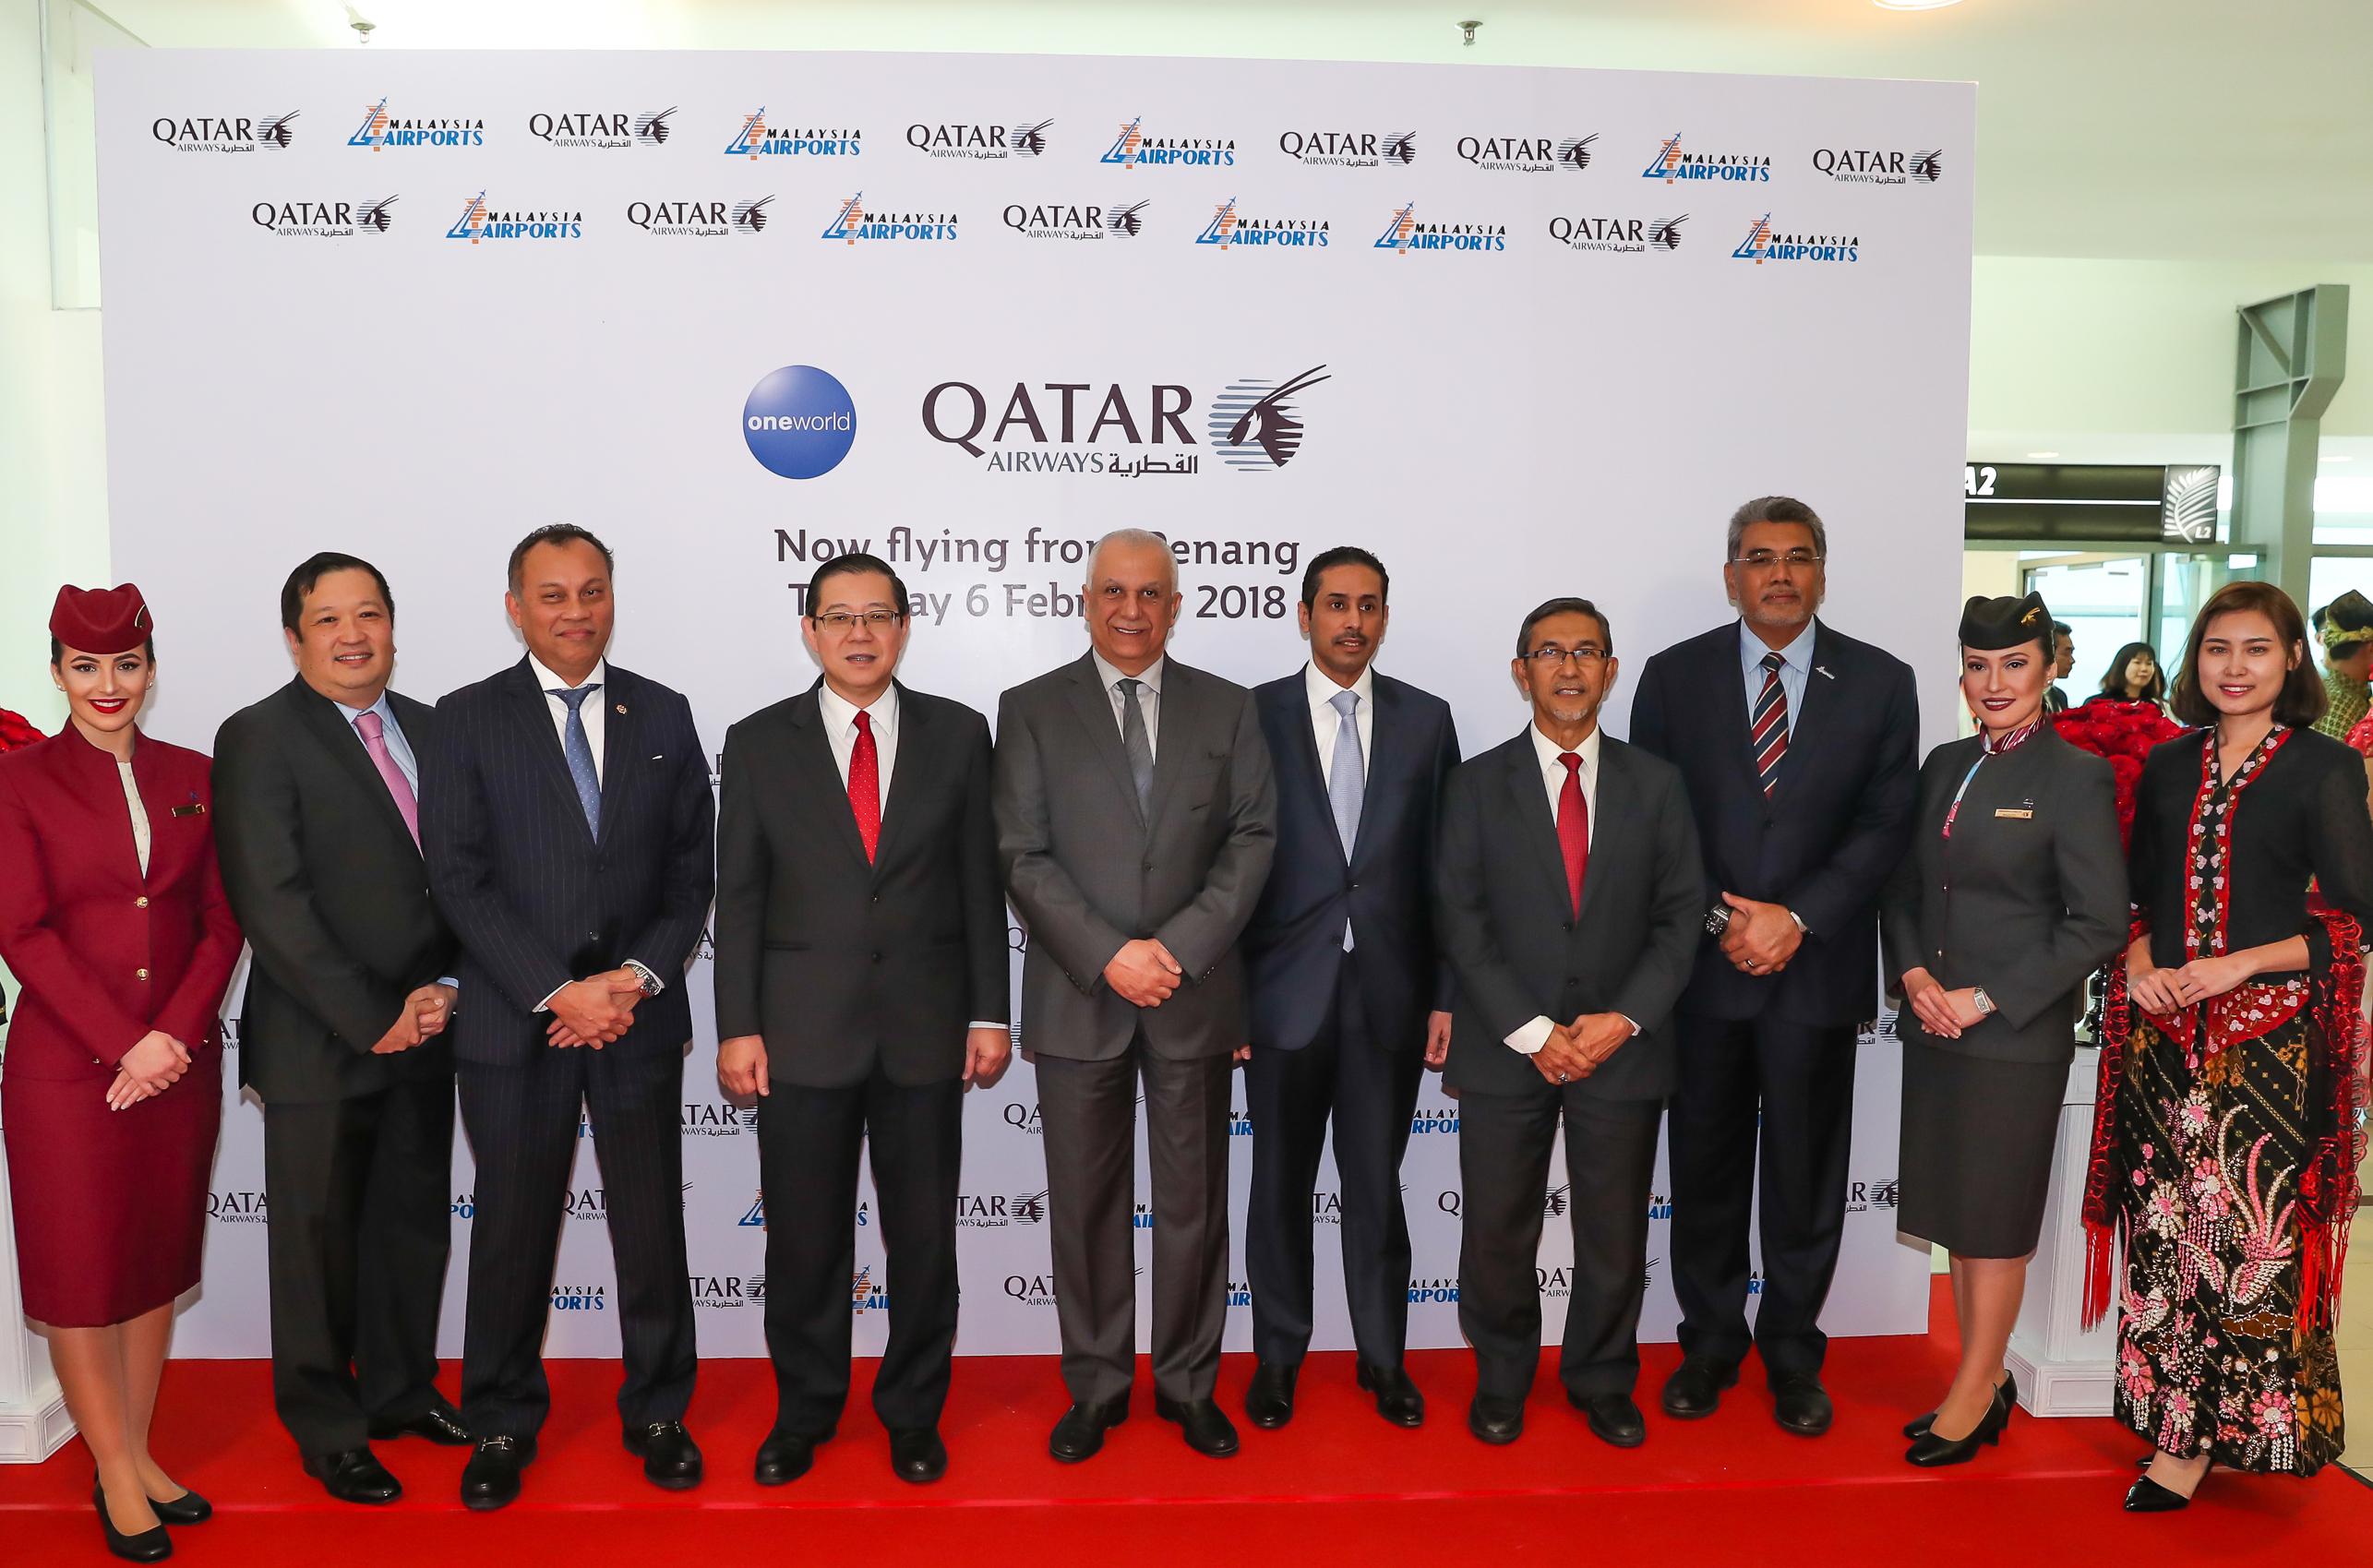 اولین پرواز بدون توقف هواپیمایی قطر در فرودگاه بینالمللی پنانگ مالزی به زمین نشست